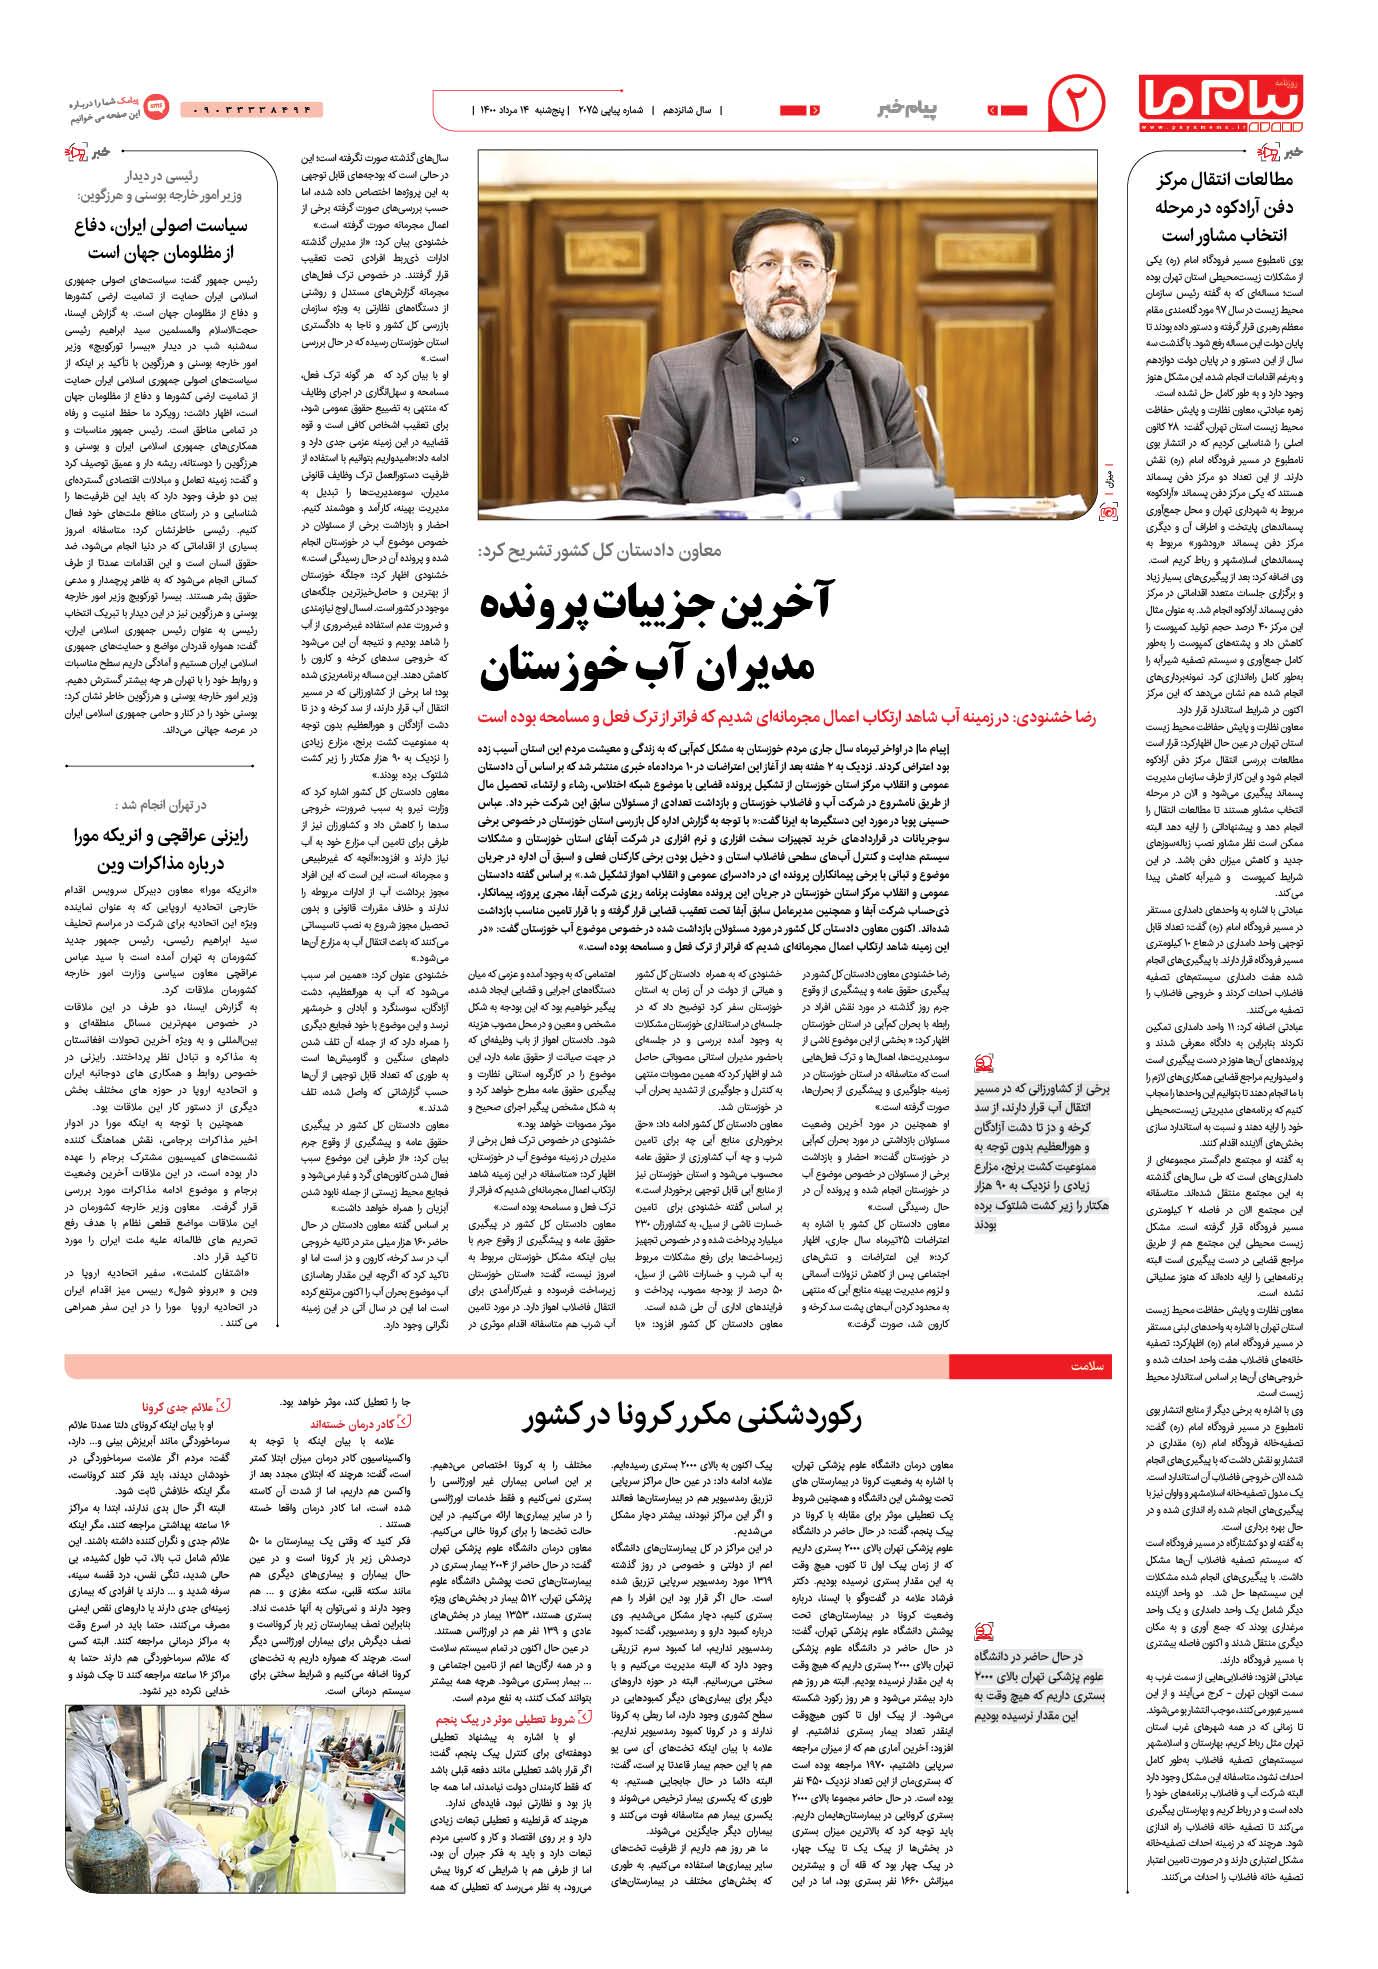 آخرین جزییات پرونده مدیران آب خوزستان